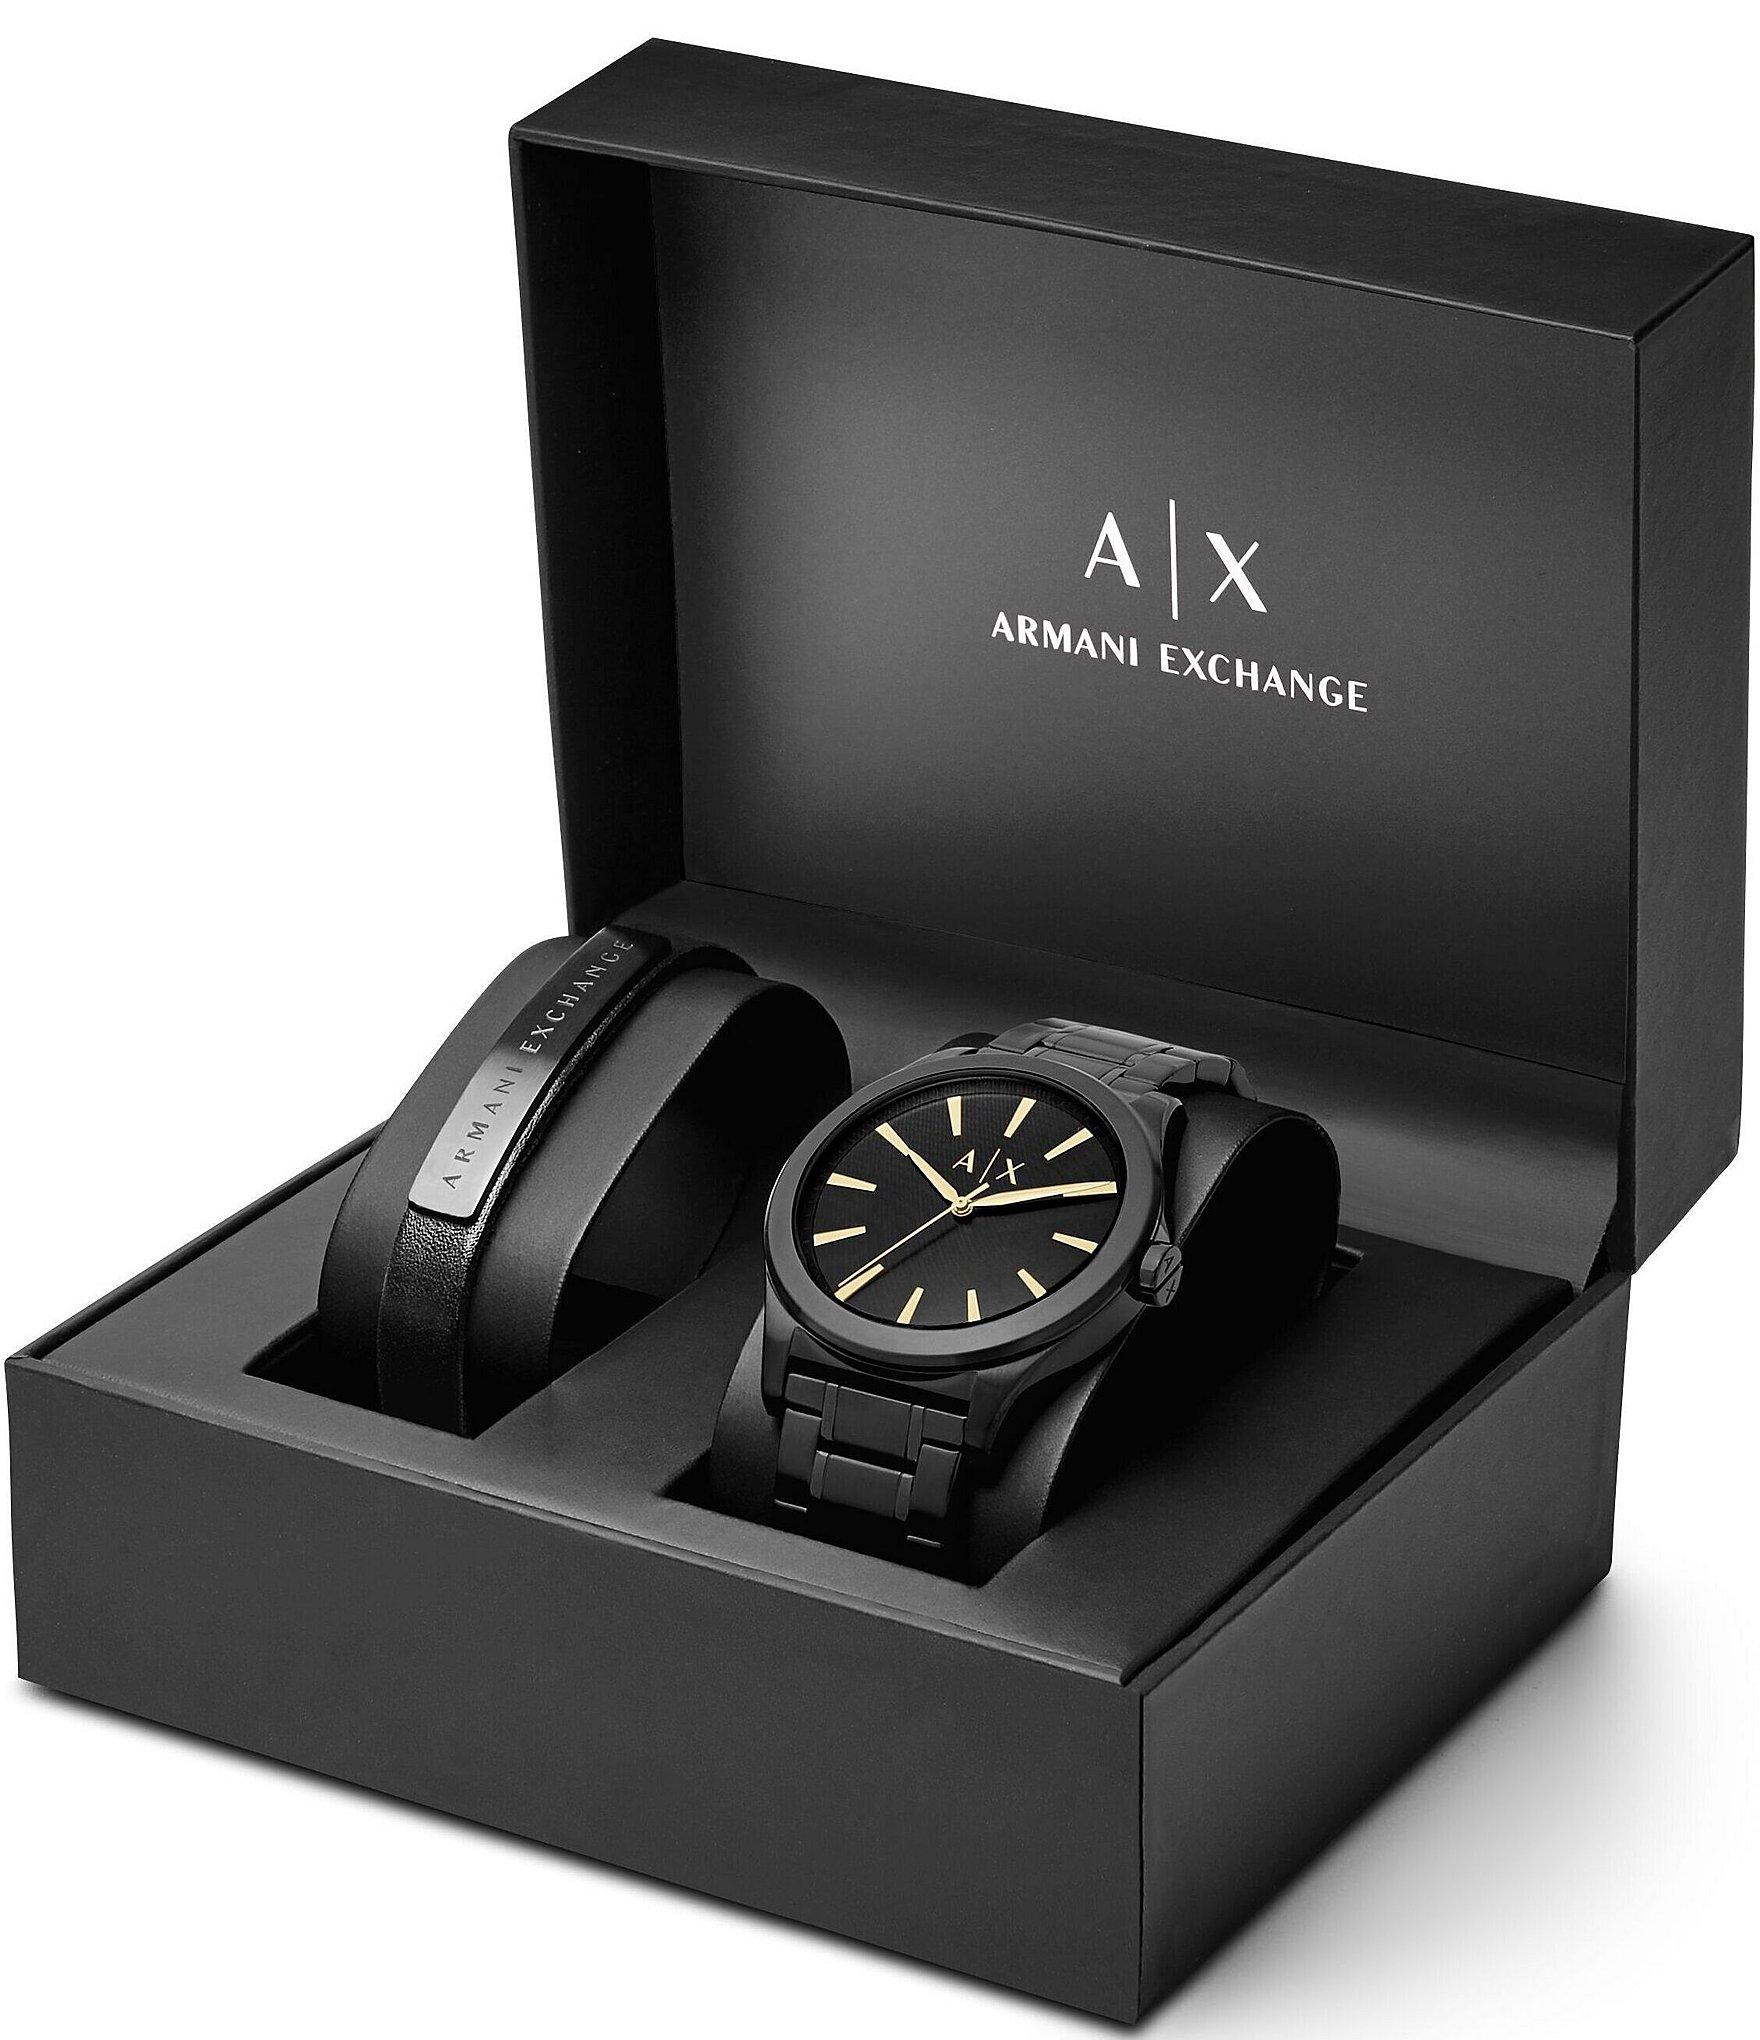 e105a23147ab7 Armani ExchangeAX Armani Exchange Analog Bracelet Watch & Leather Strap Set